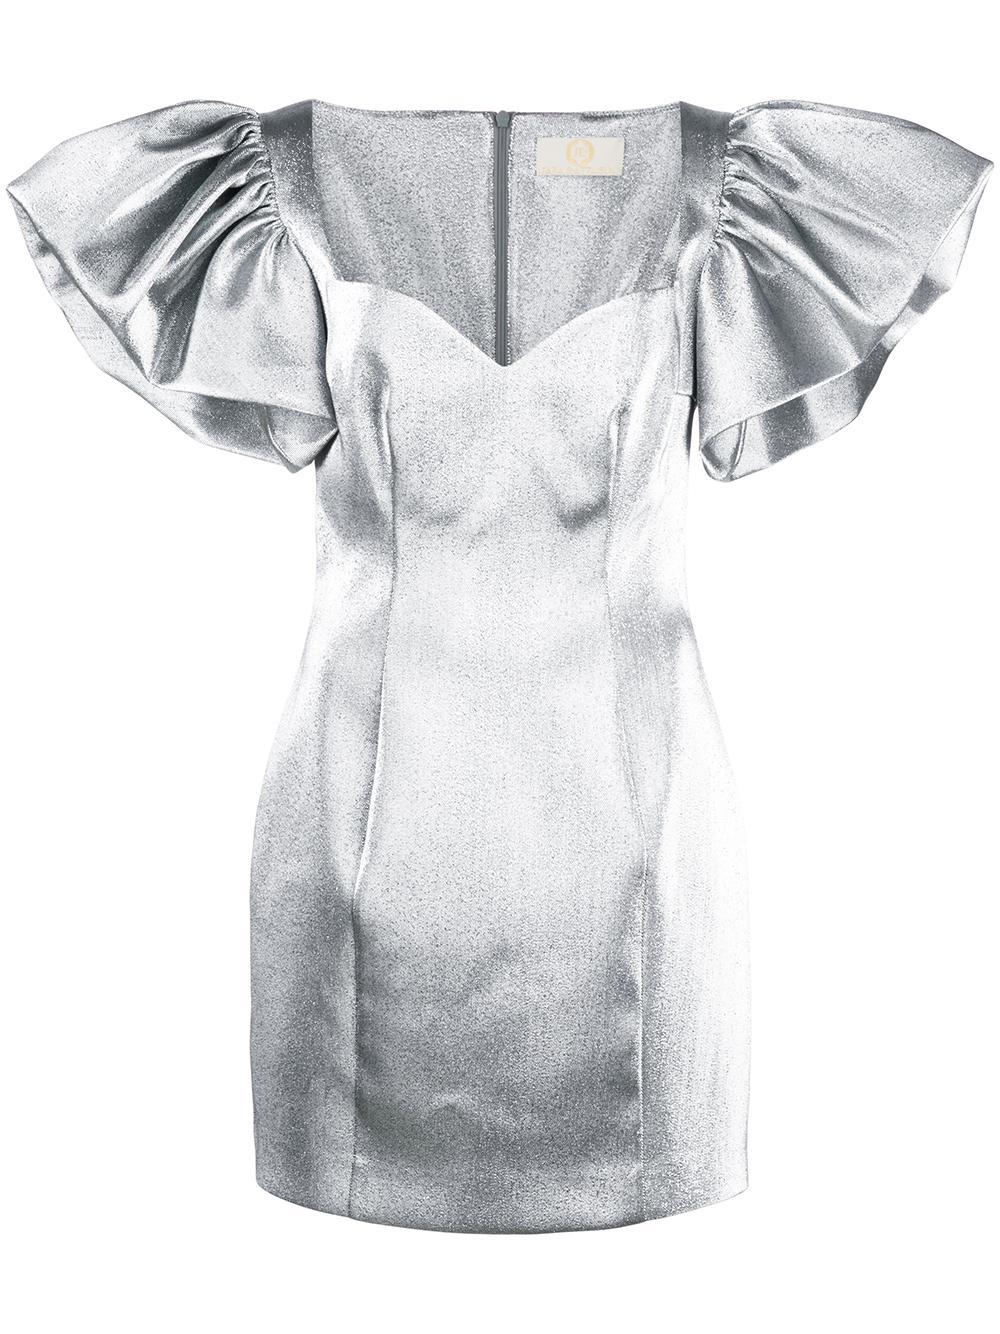 Sweetheart Neck Mini Dress With Full Skirt